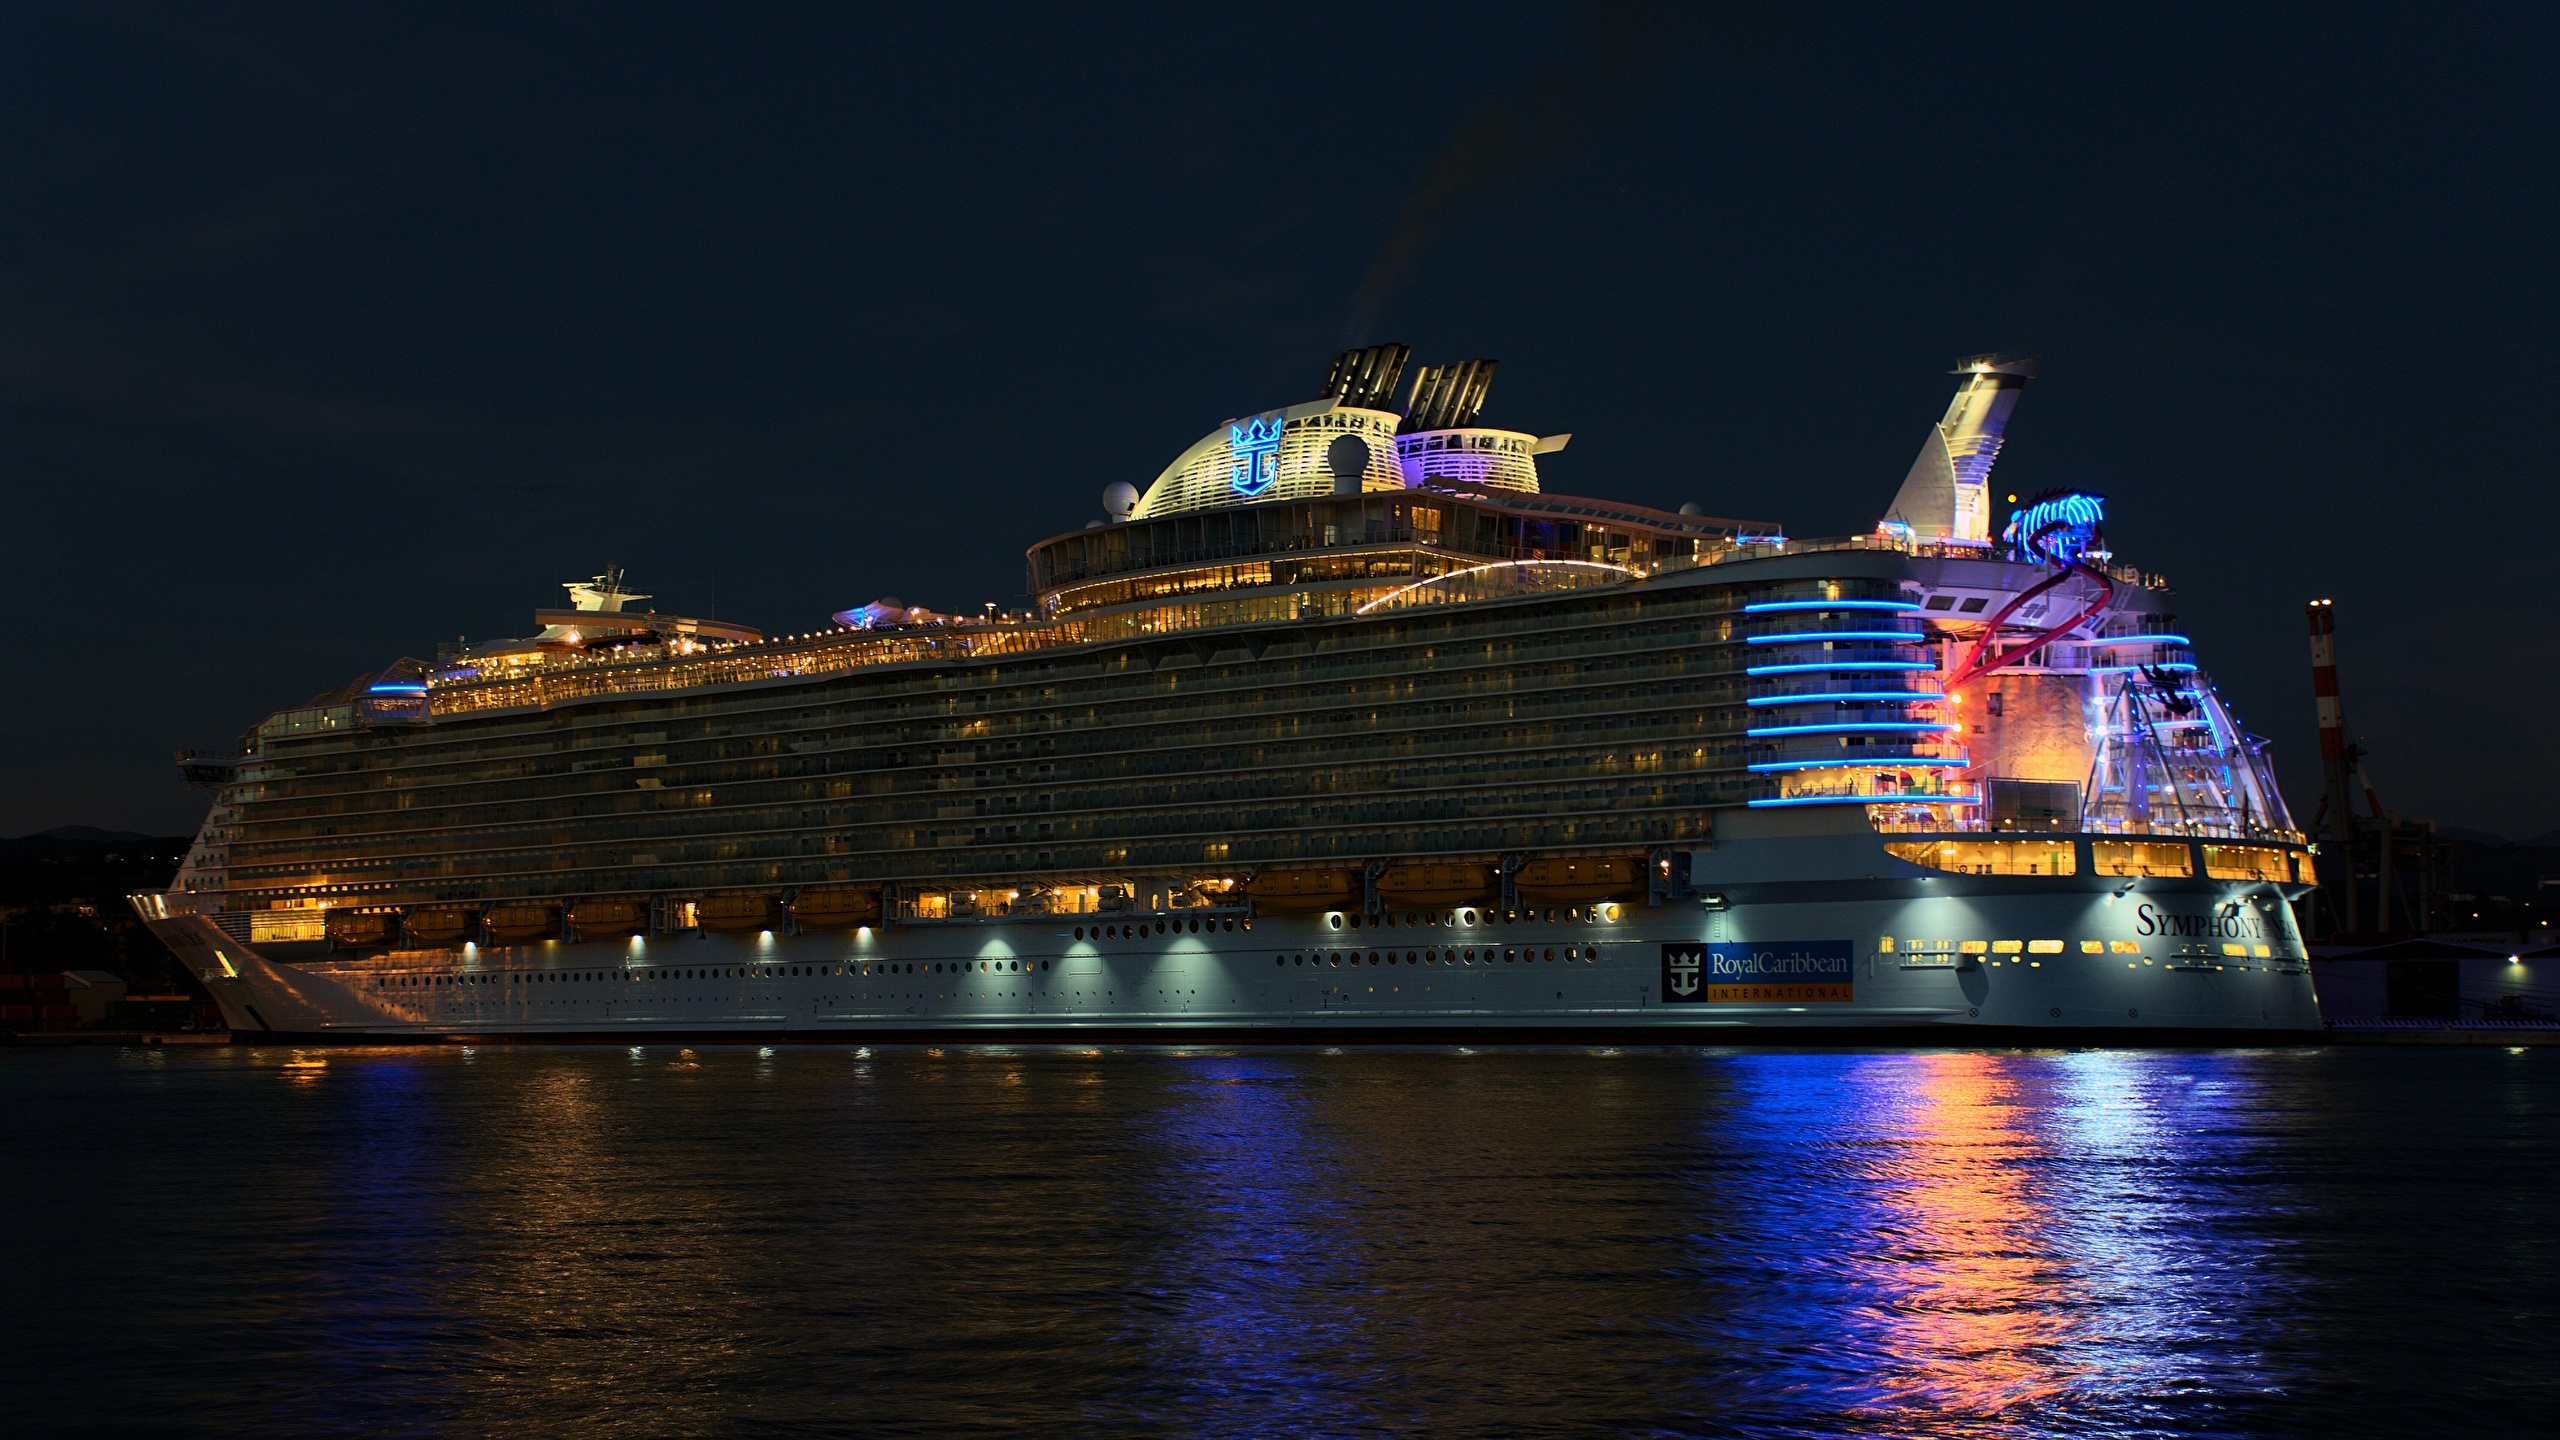 Картинки Круизный лайнер Royal Caribbean Корабли Ночь 2560x1440 корабль ночью в ночи Ночные